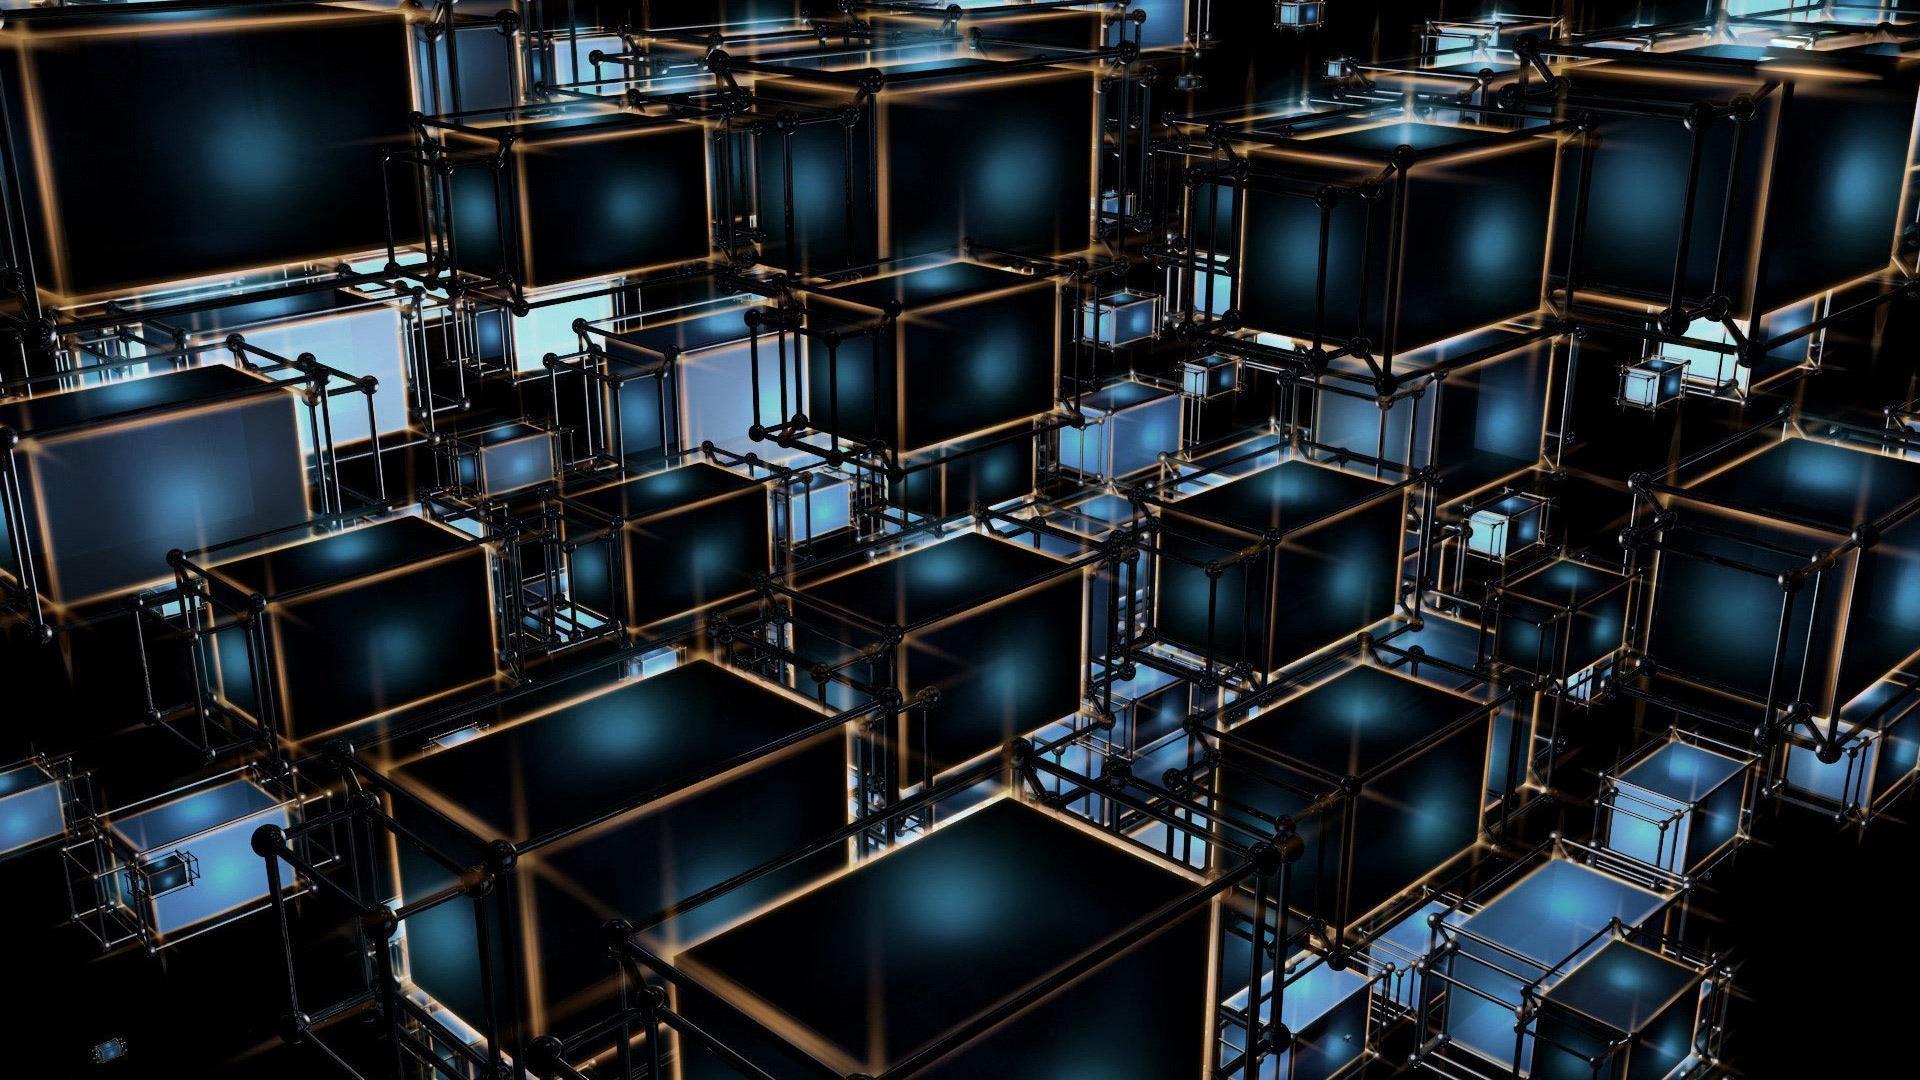 4700 Gambar Keren 3d Wallpaper HD Terbaik